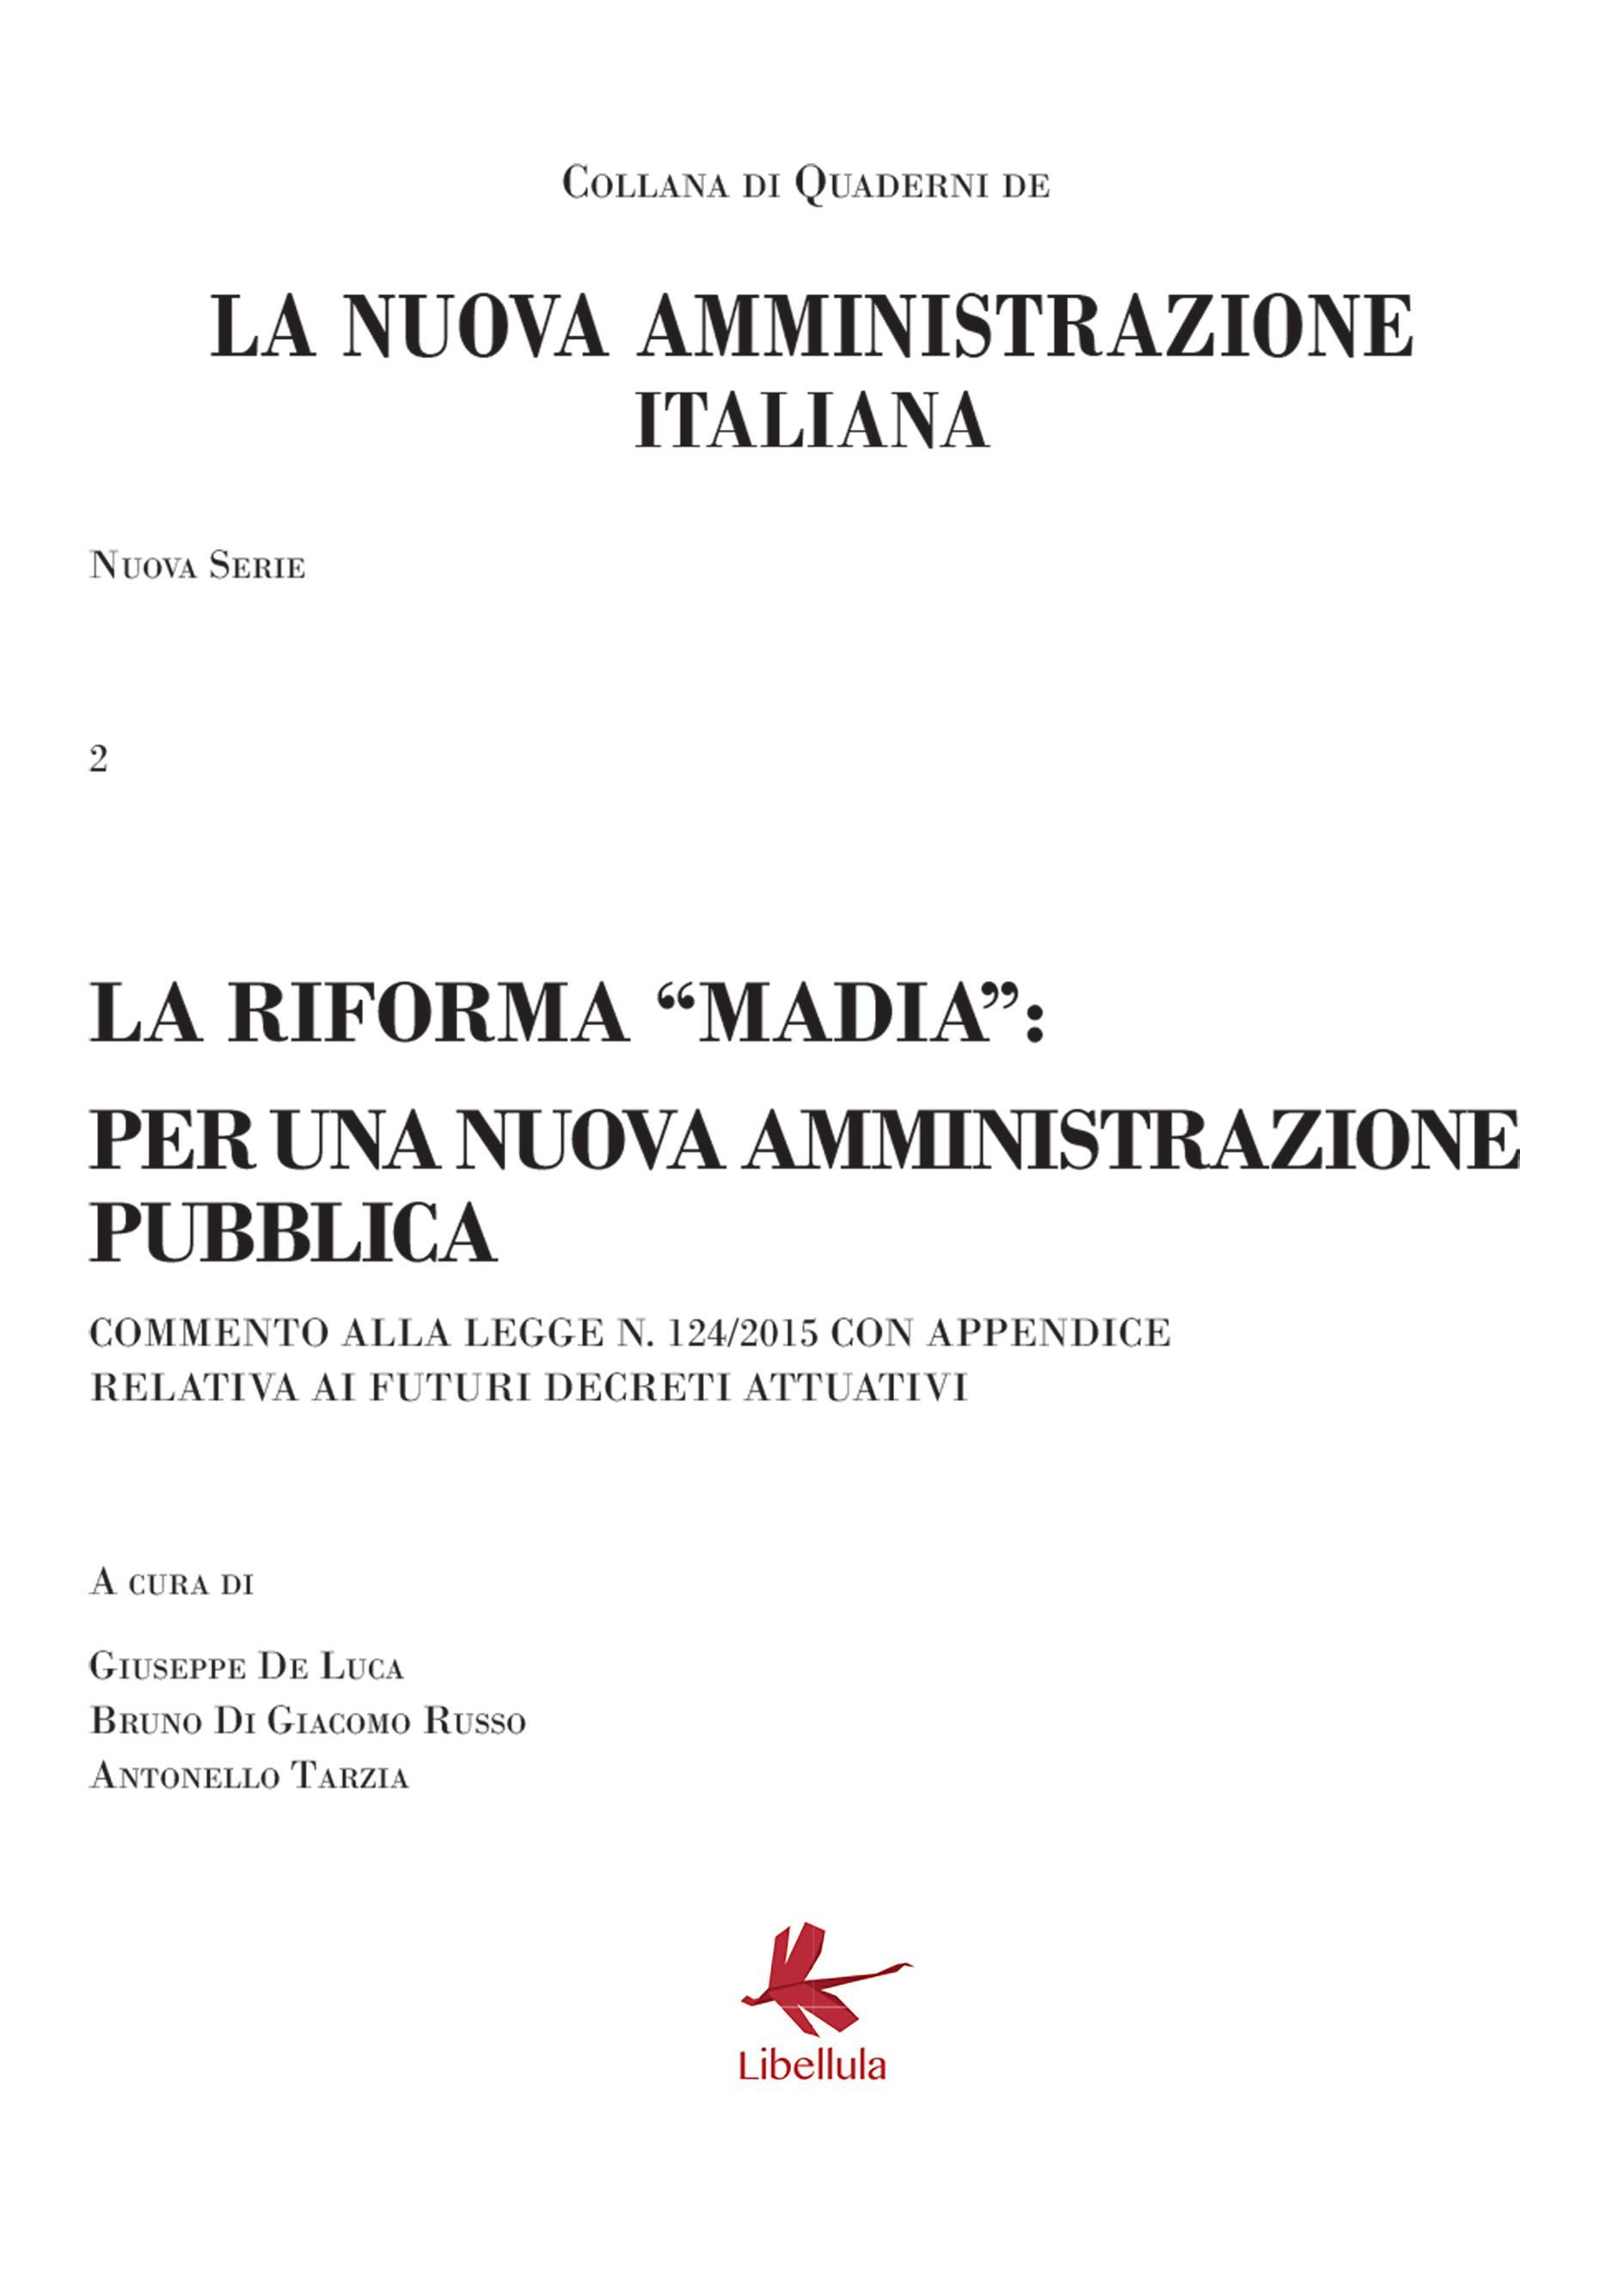 La riforma Madia: per una amministrazione pubblica